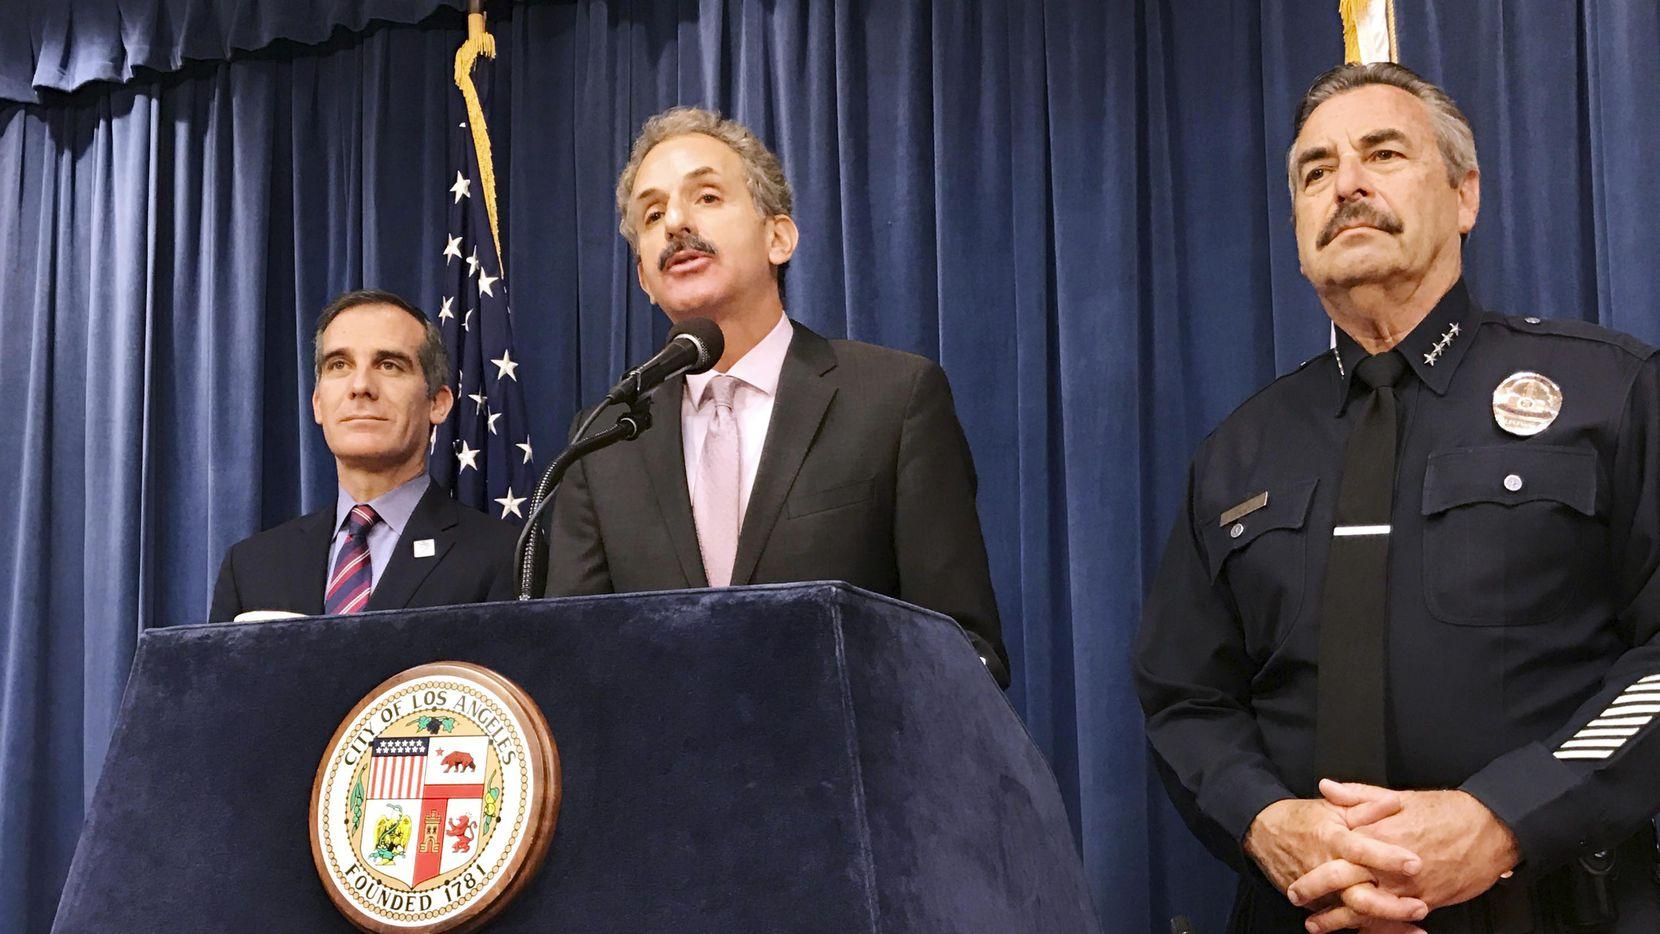 El abogado de la ciudad de Los Angeles (centro) es acompañado por el jefe de la policía Charlie Beck y el alcalde Eric Garcetti, al comentar sobre el fallo de la corte federal sobre la cooperación entre ciudades y autoridades migratorias.(AP)